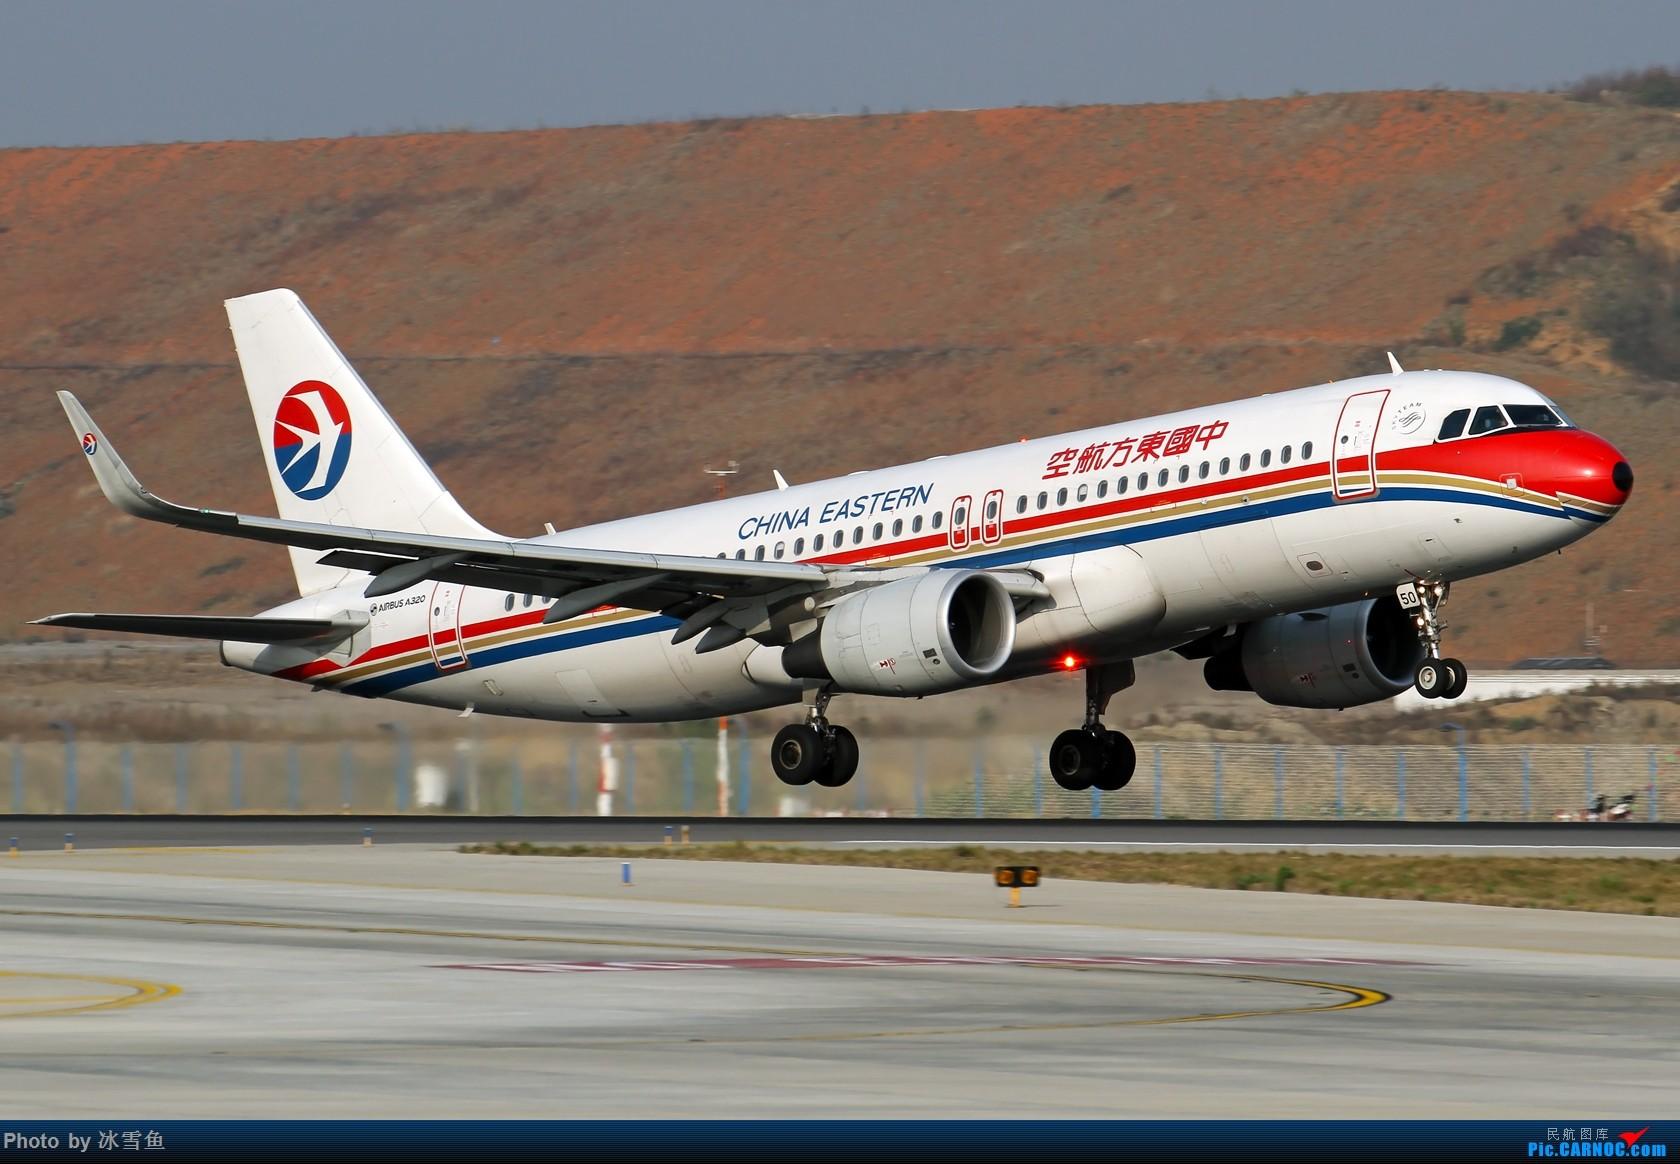 Re:[原创]【BLDDQ-昆明飞友会】春节假期有时间去长水拍拍,不要问我位置............ AIRBUS A320-200 B-9950 中国昆明长水国际机场